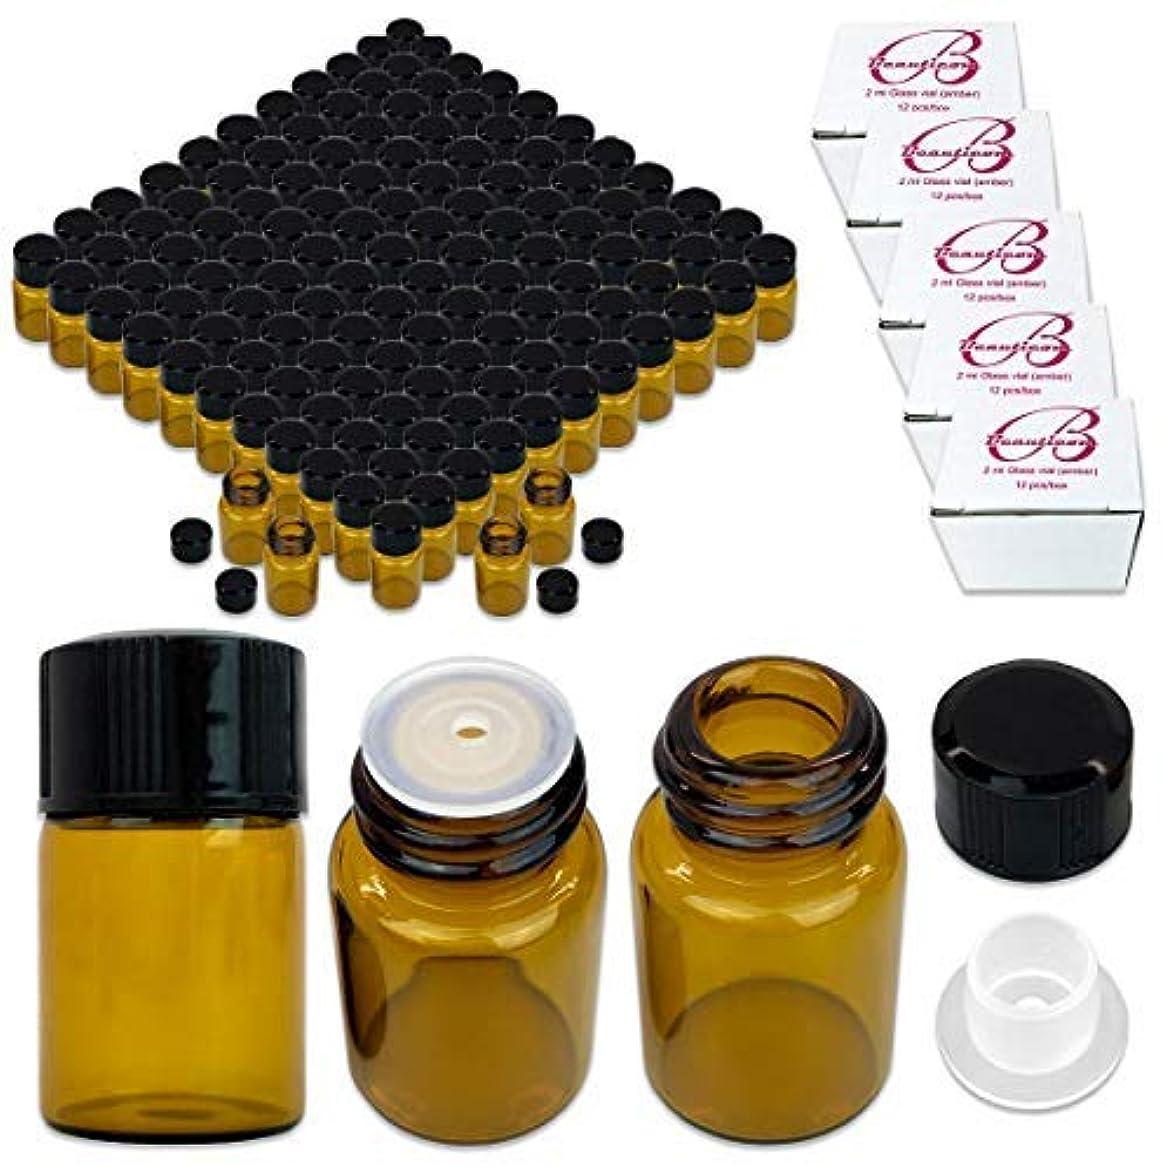 拮抗するクレデンシャル式180 Packs Beauticom 2ML Amber Glass Vial for Essential Oils, Aromatherapy, Fragrance, Serums, Spritzes, with Orifice Reducer and Dropper Top [並行輸入品]